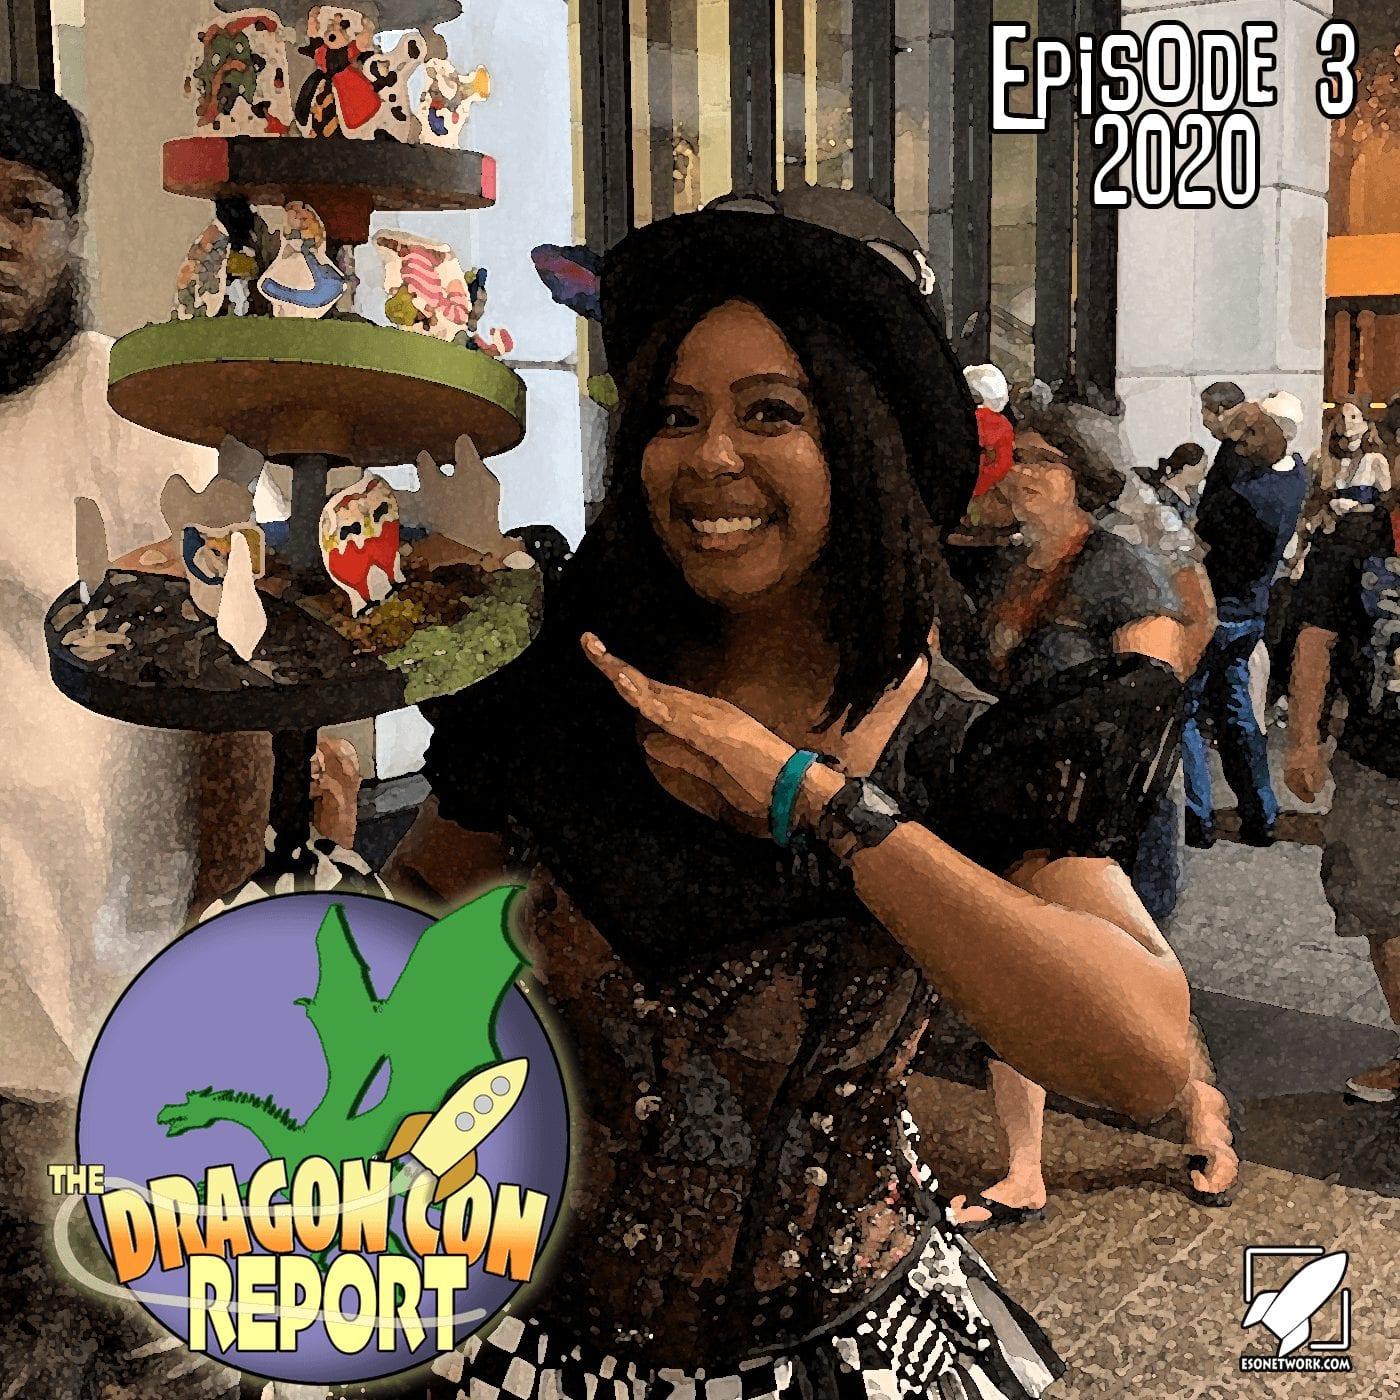 The 2020 Dragon Con Report Ep 3